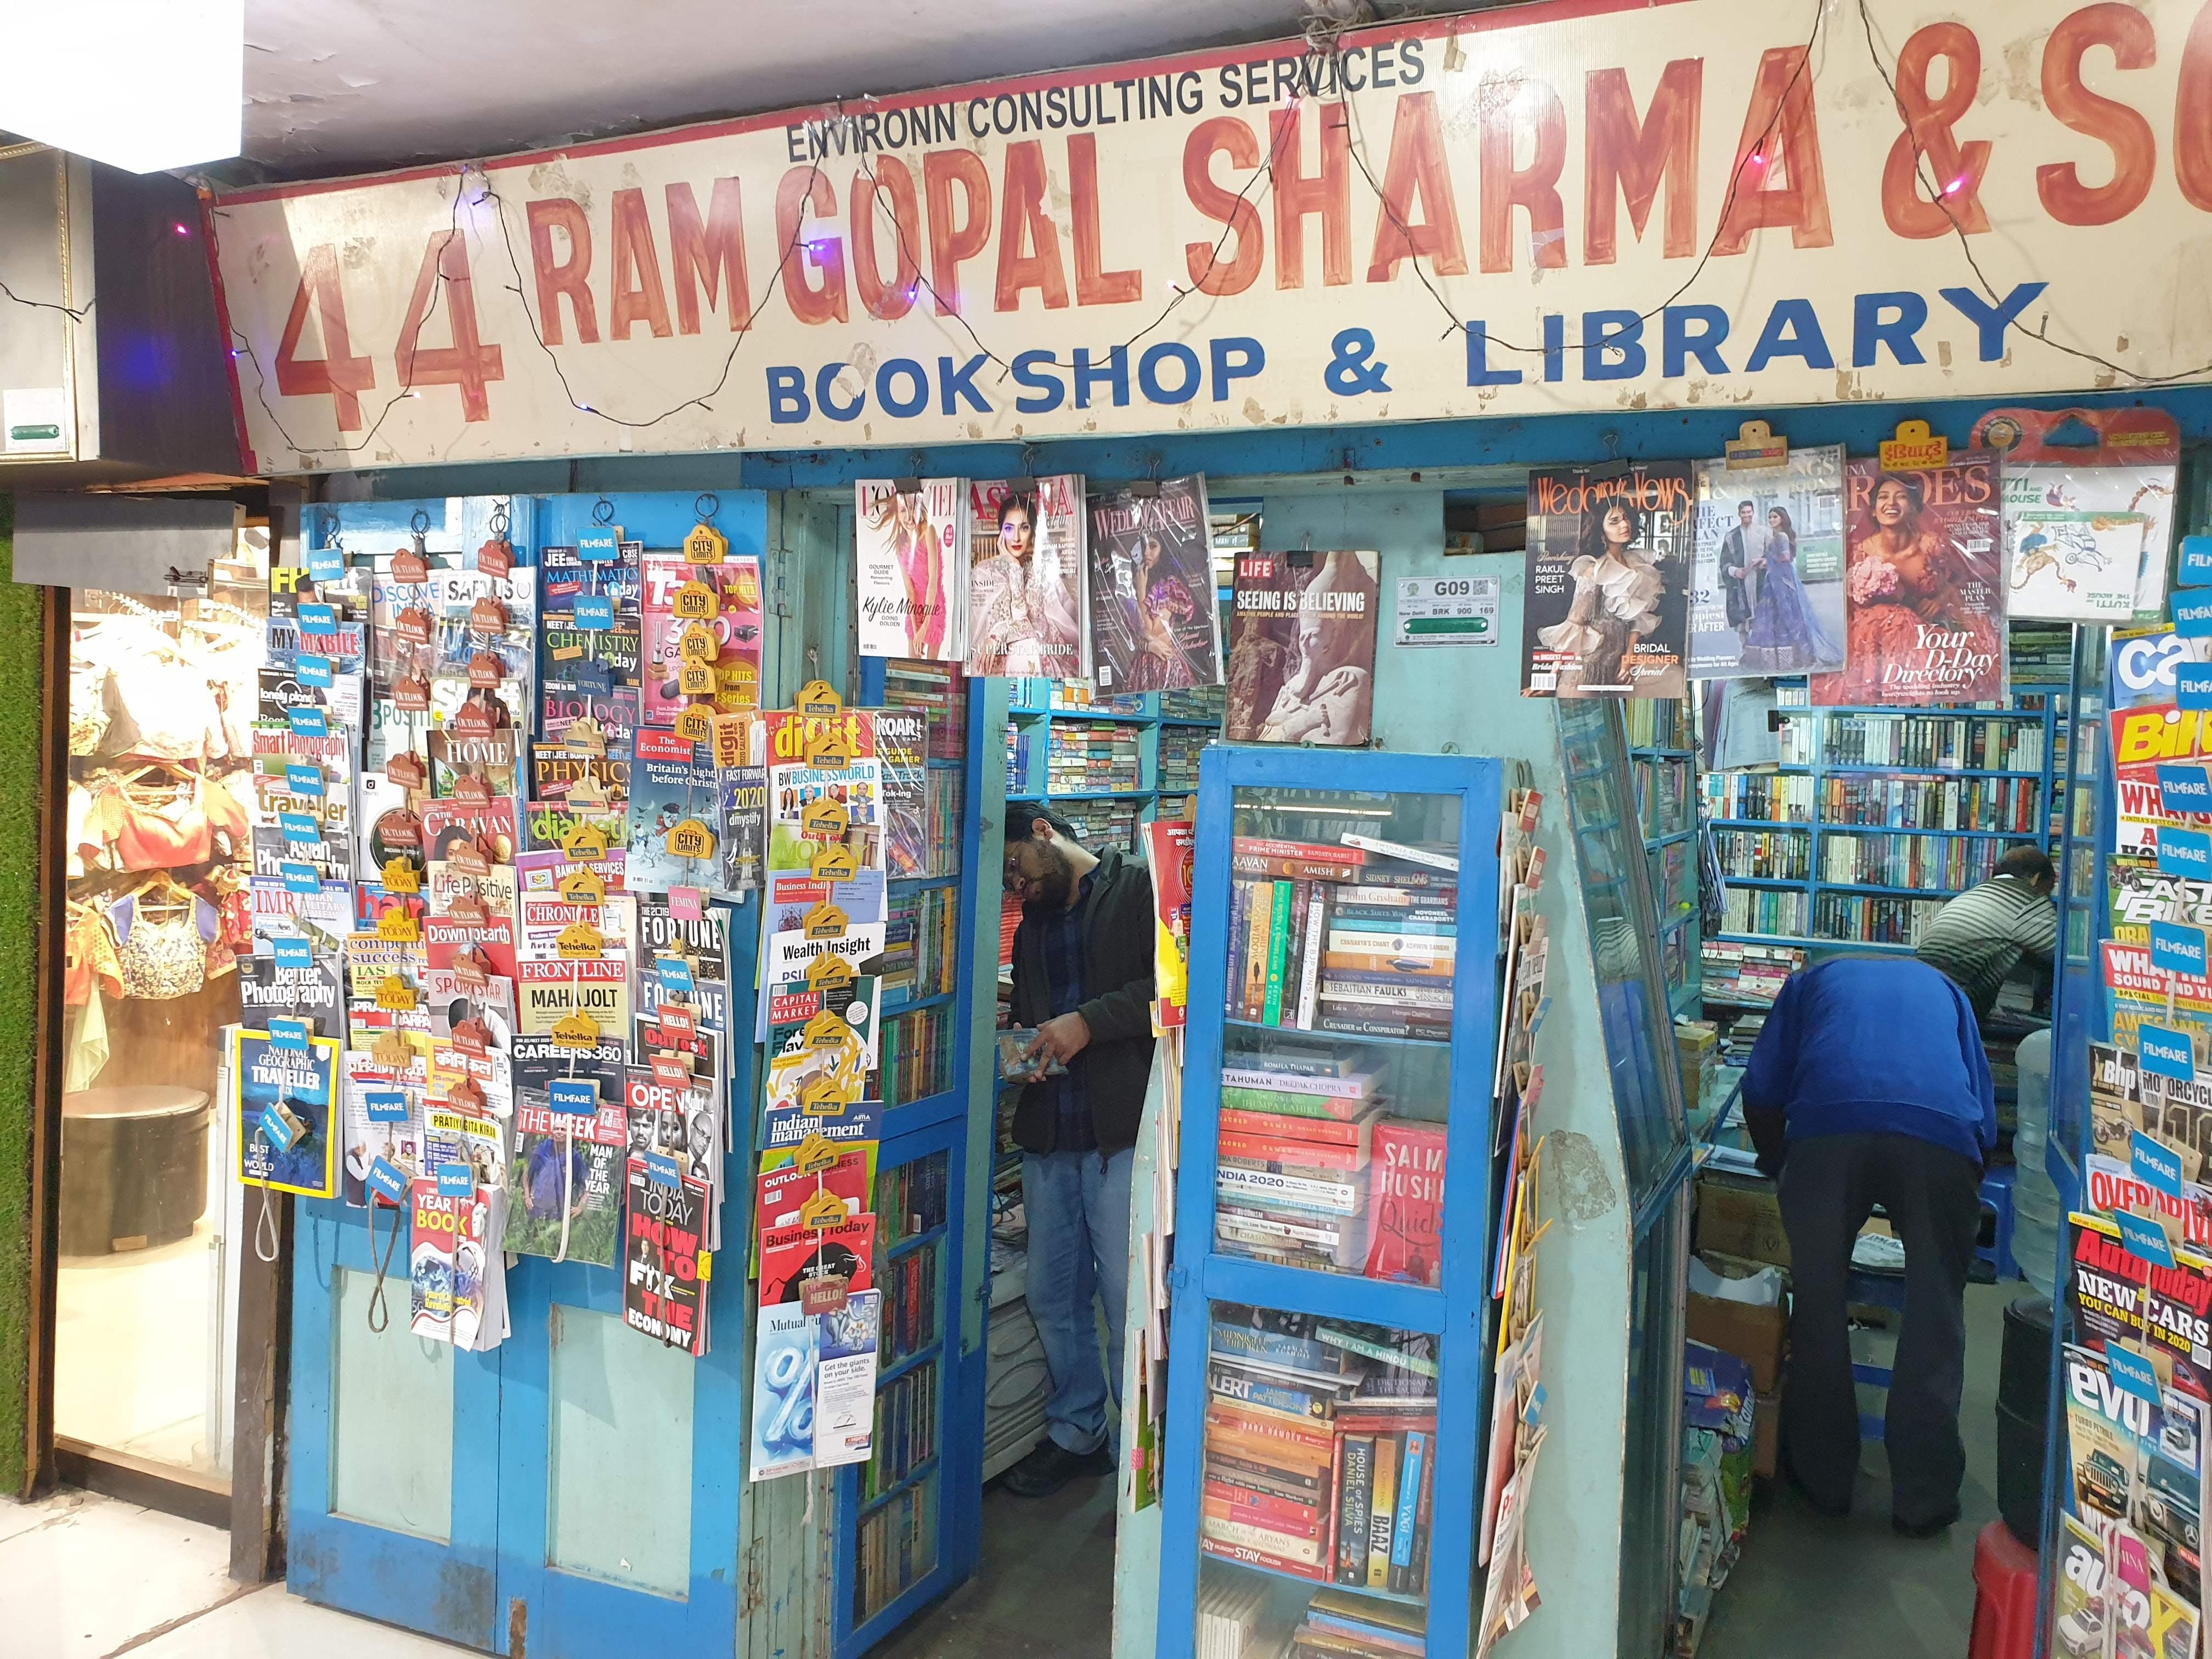 Ram Gopal Sharma & Sons Bookstore: Carpe-Diem In Its True Essence